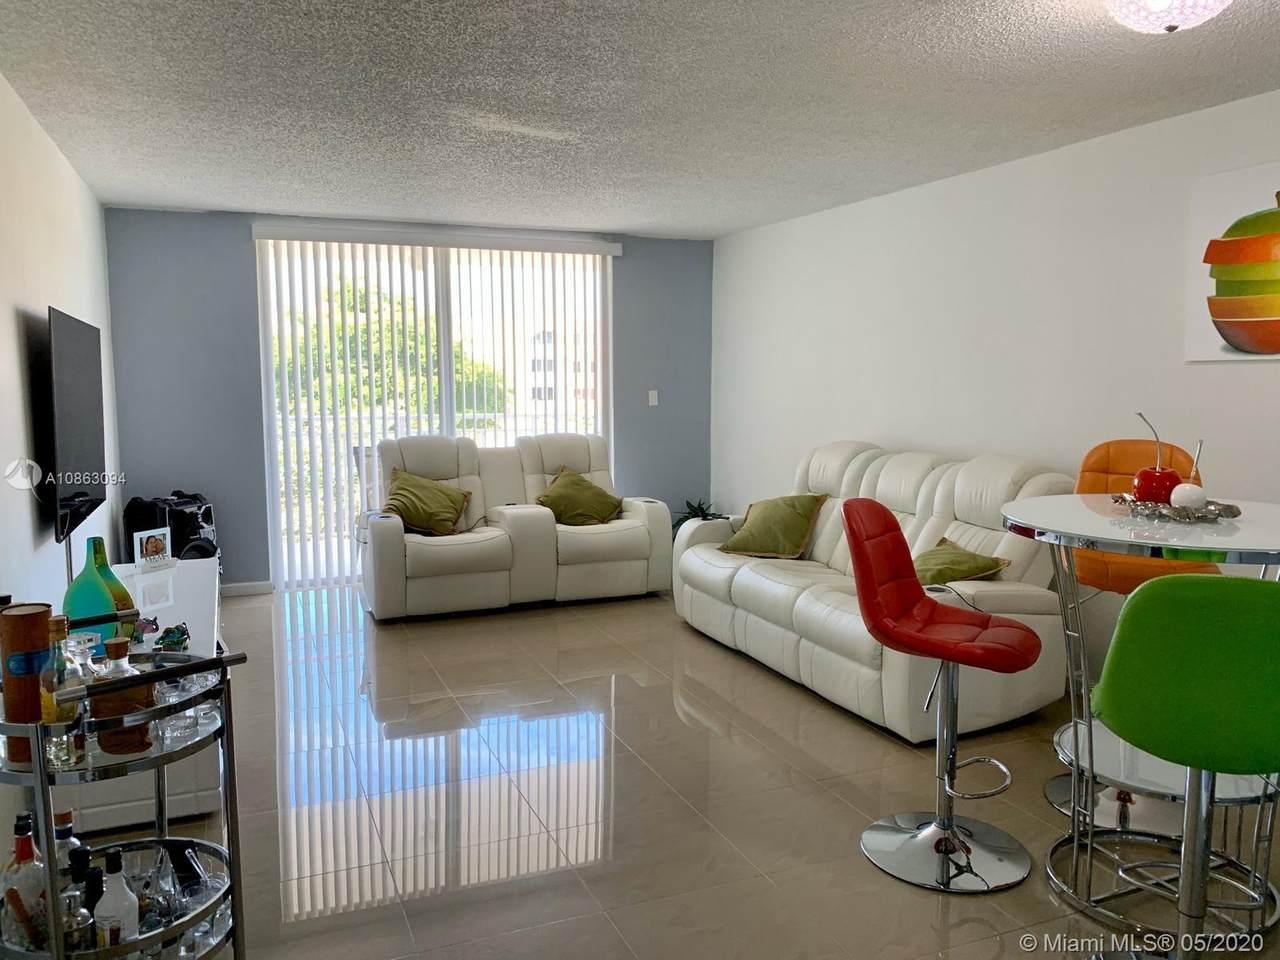 6950 Miami Gardens Dr - Photo 1